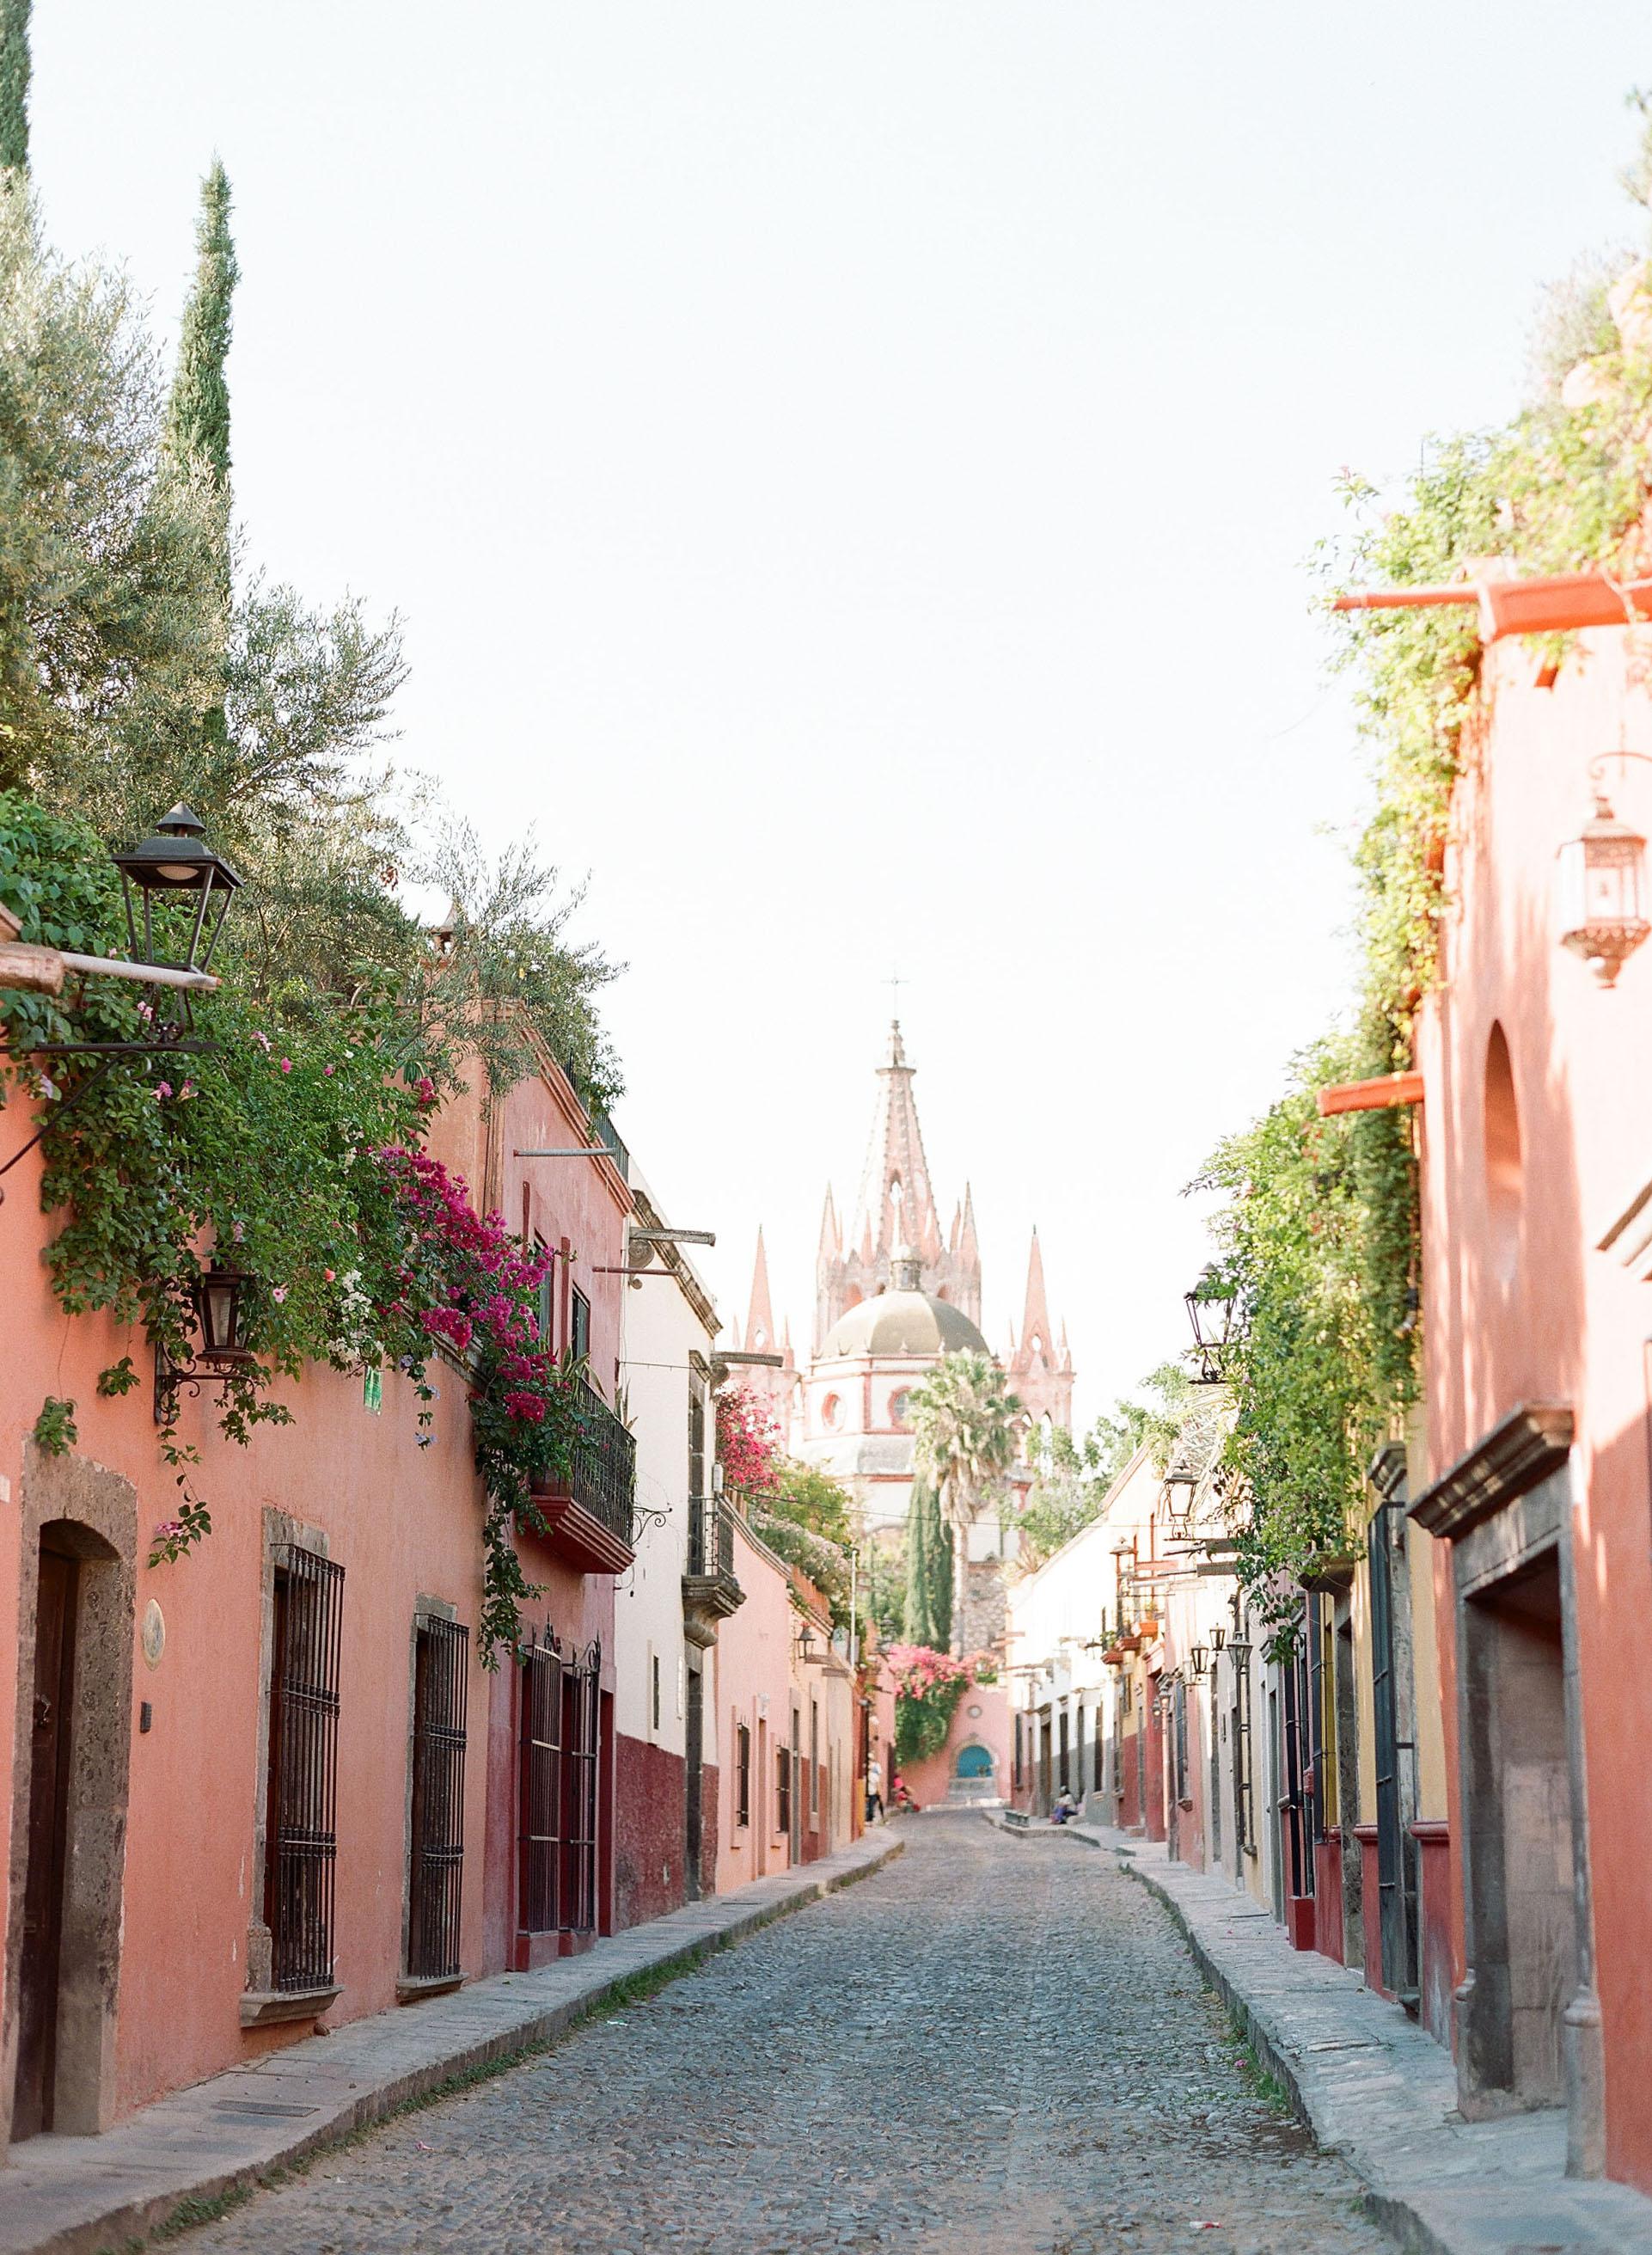 San Miguel De Allende - Mexico